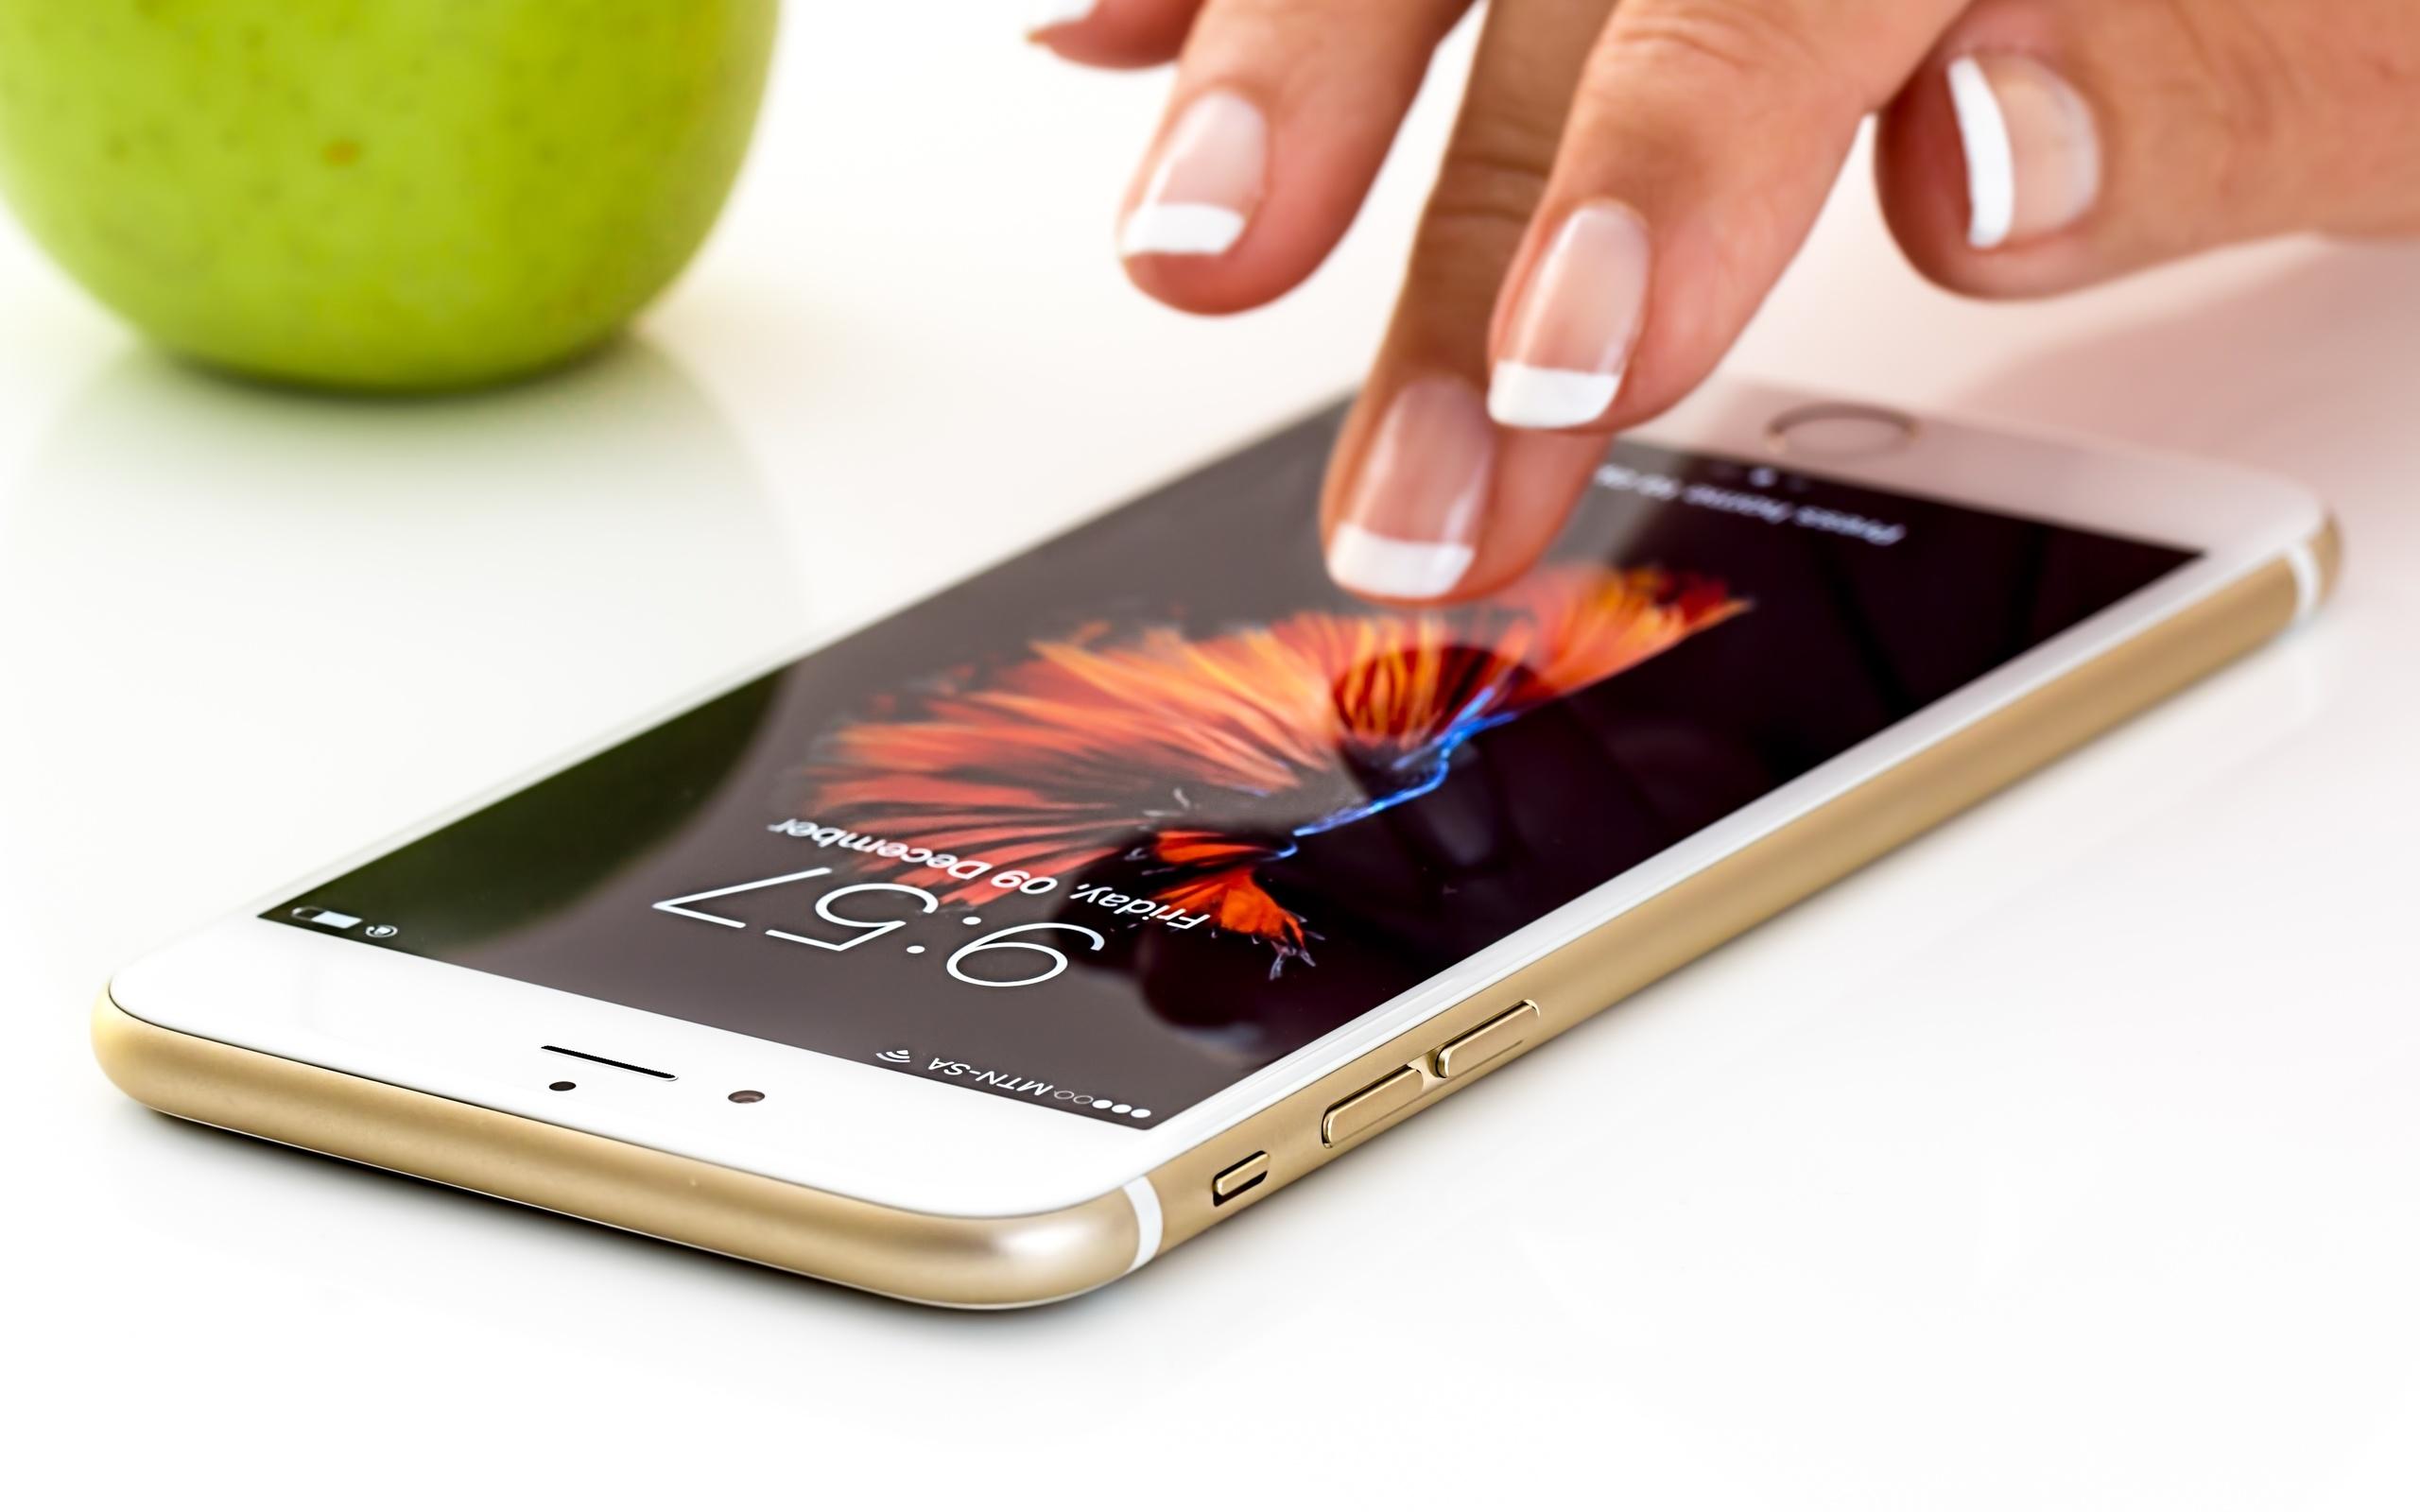 видите, соорудить новейшие картинки для сотового телефона время данная функция